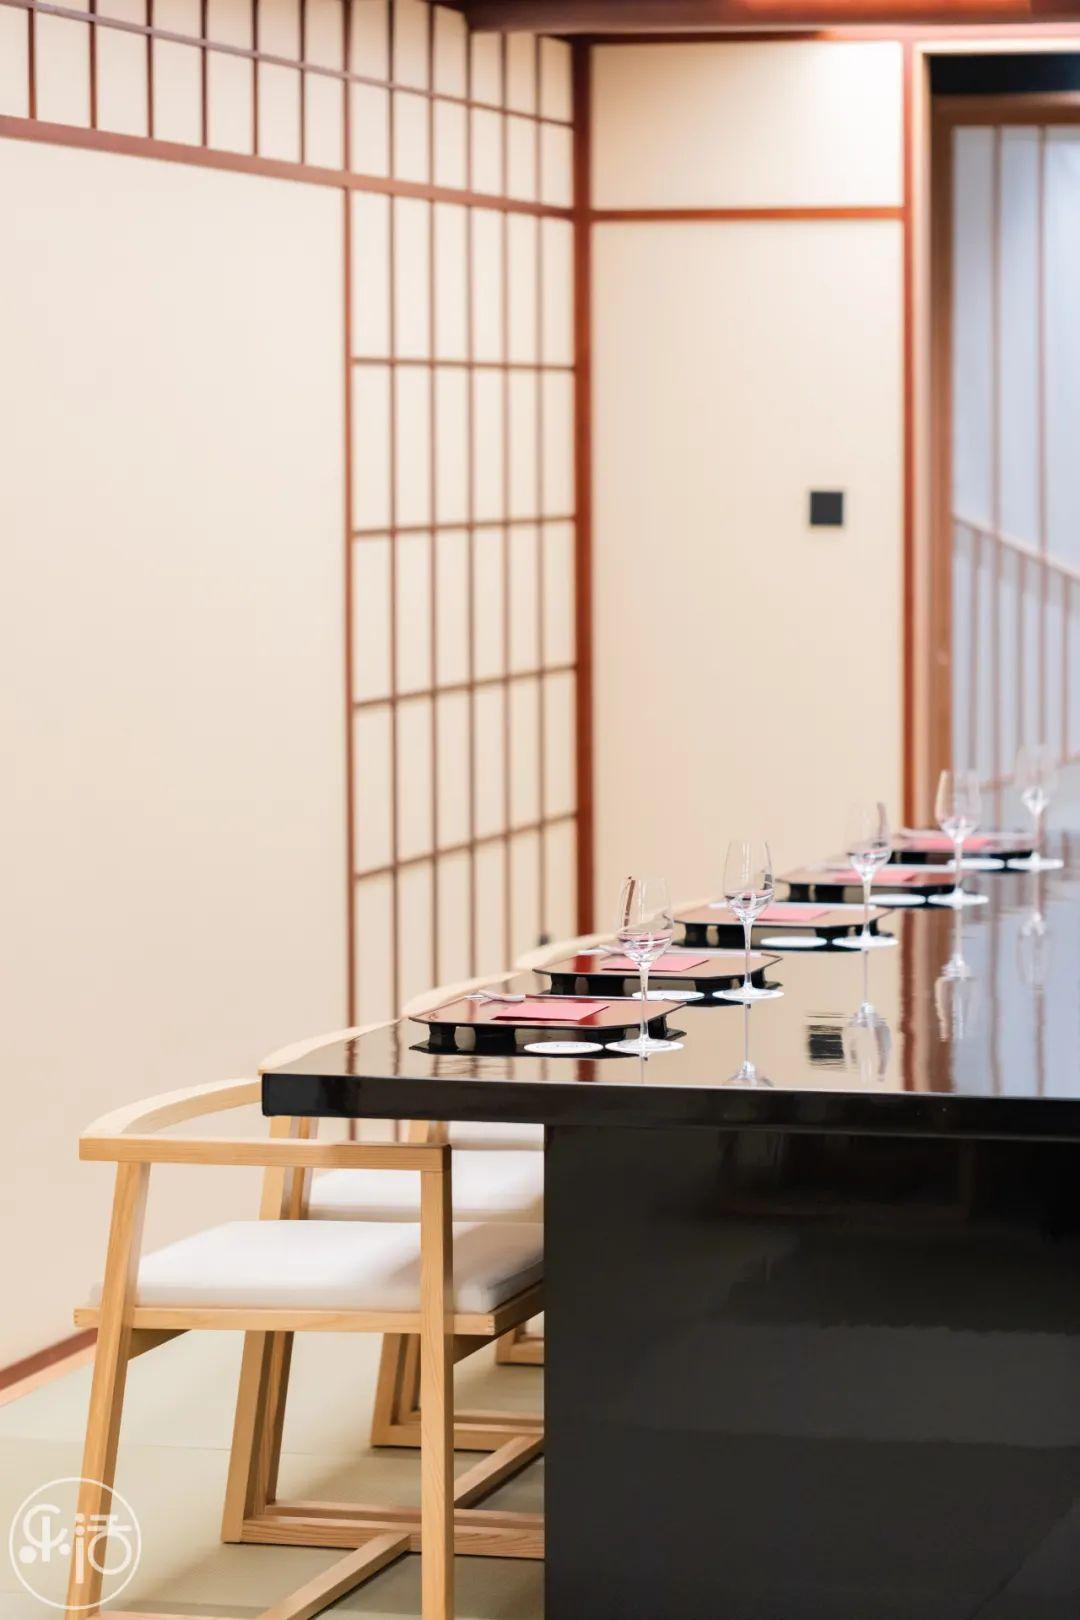 全杭州Zui大的会席料理店来袭!人均600元就能体验到的Top级日料,来自日本饮食文化的上等名流之选!(图8)